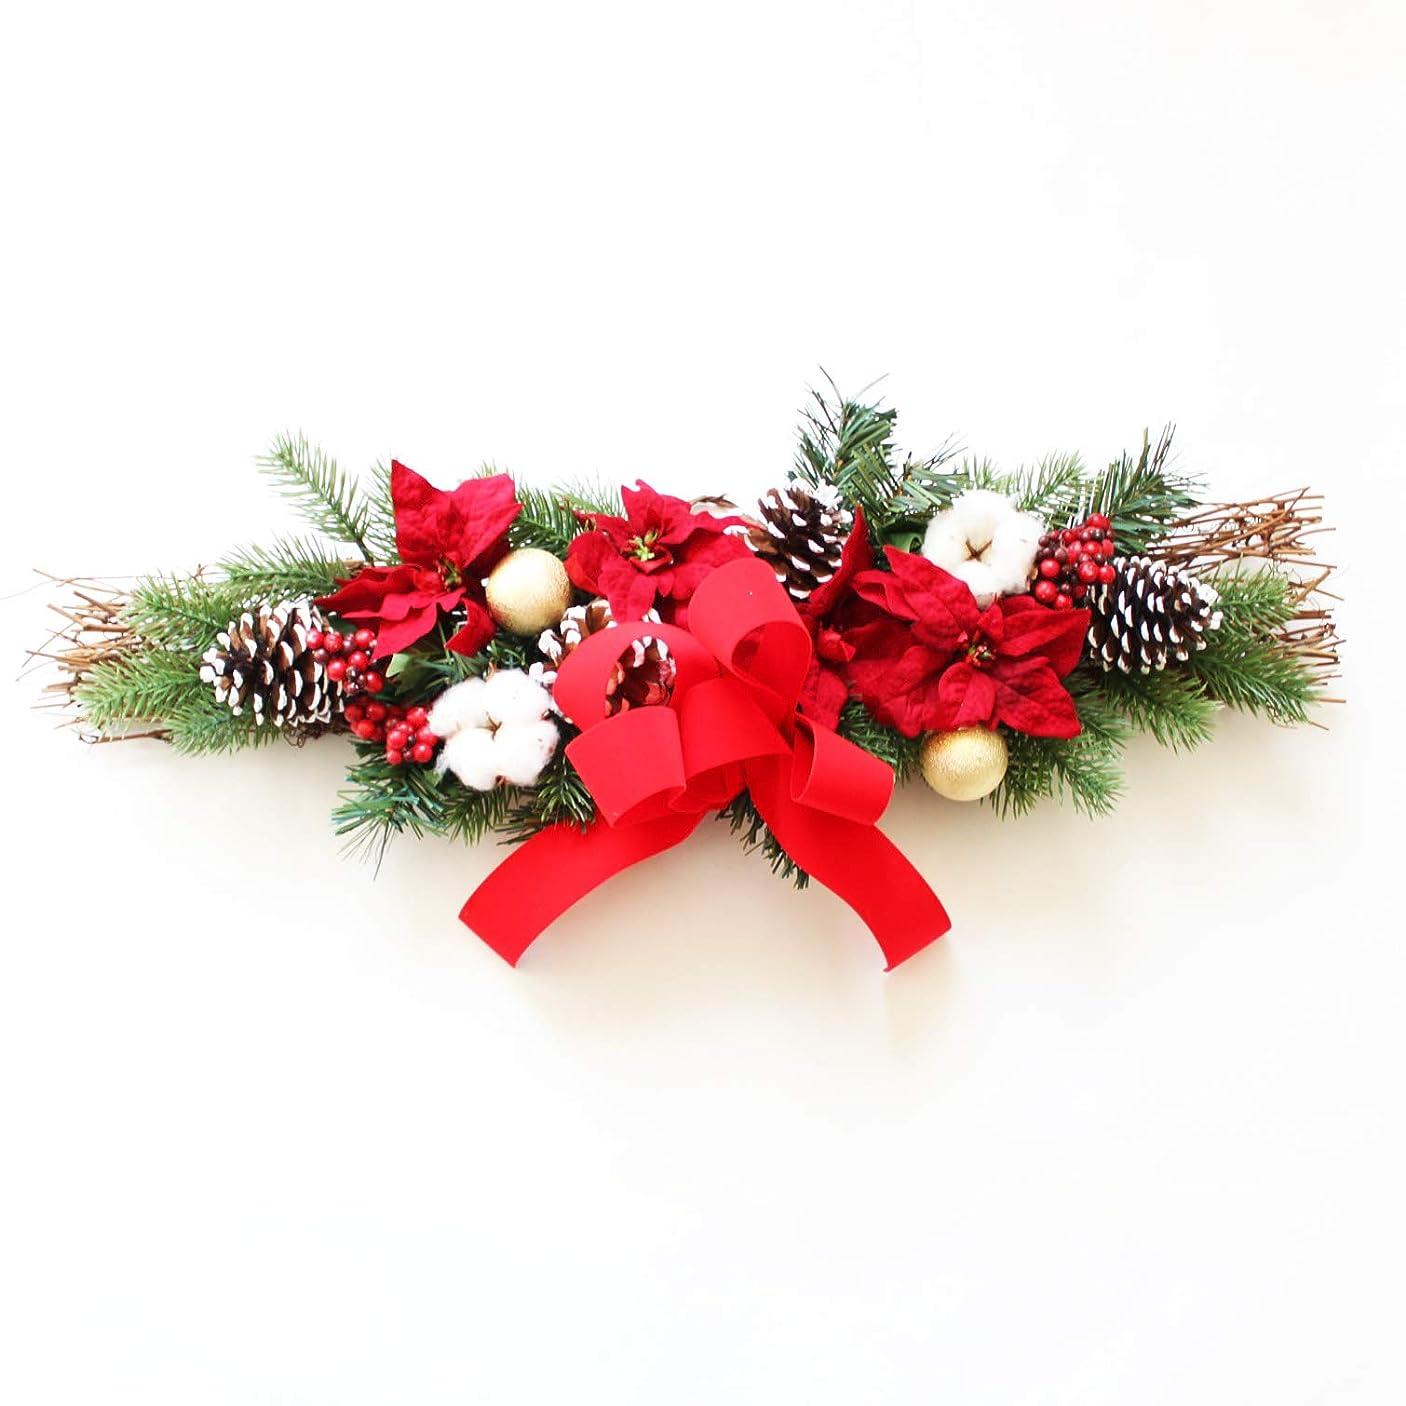 ピニオン明示的に記事グランドグルー クリスマスリース クリスマス飾り クリスマス玄関飾り スワッグ 造花 アーティフィッシャルフラワー 玄関飾り 壁掛け